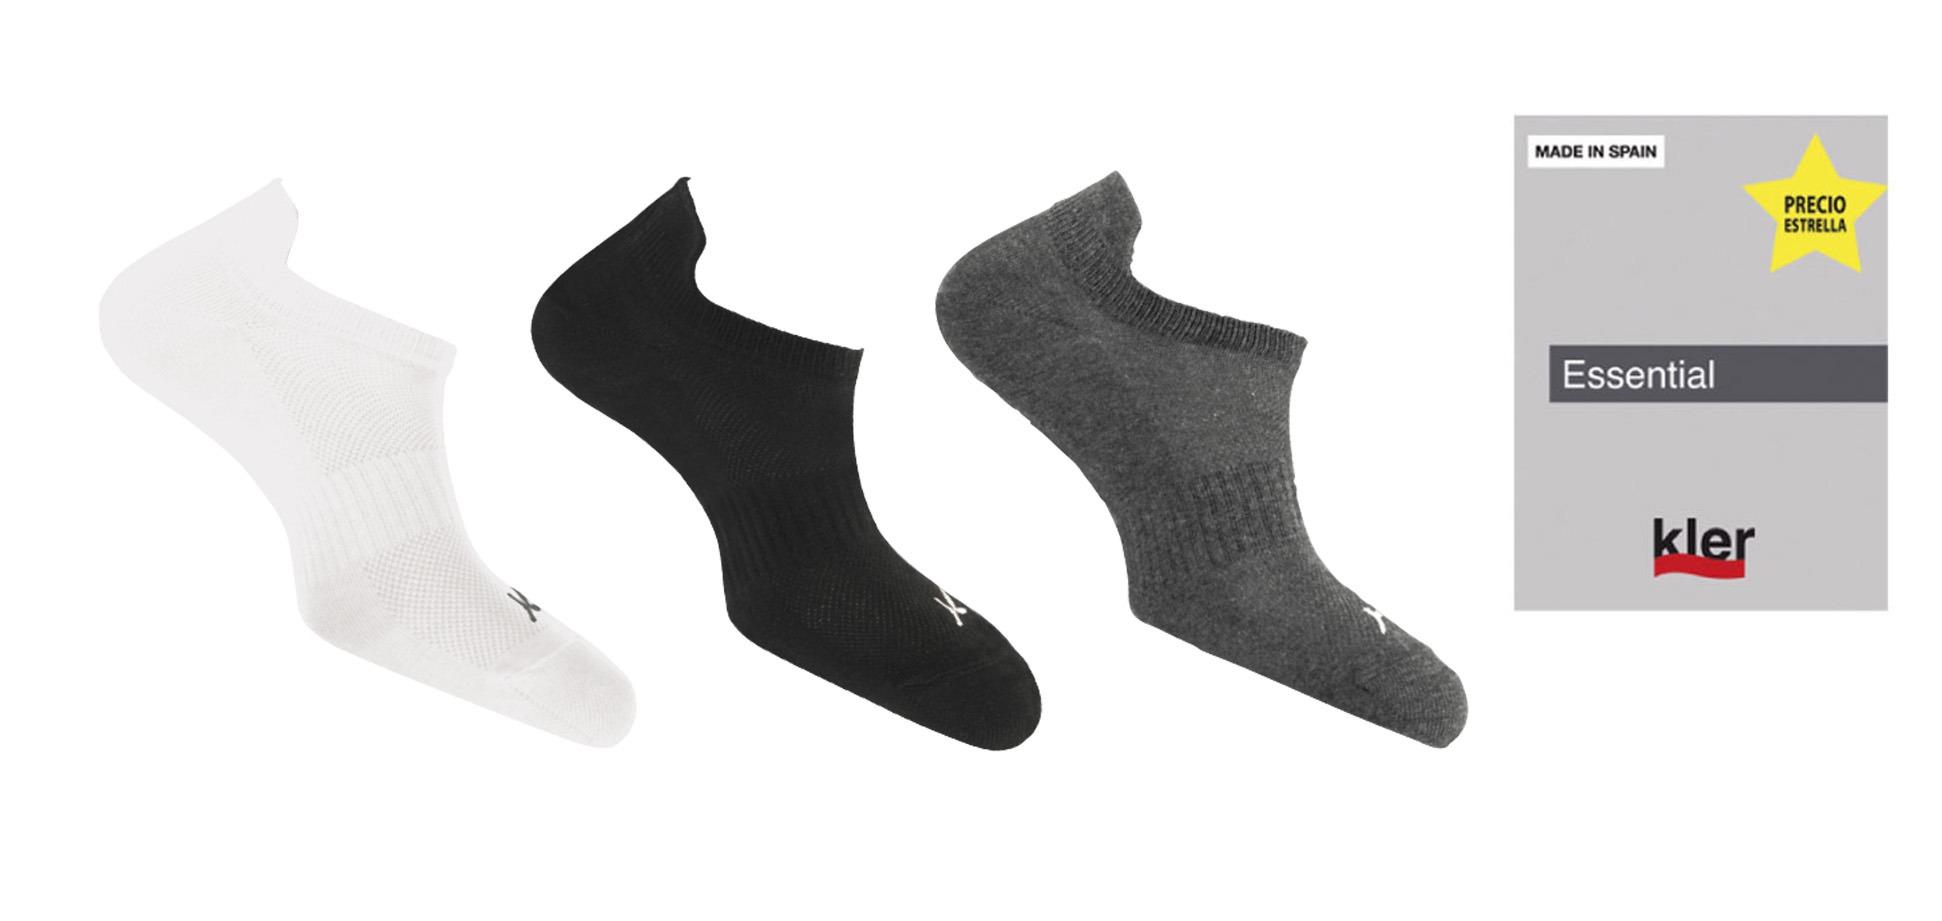 Calcetín hombre invisible deportivo algodón KLER